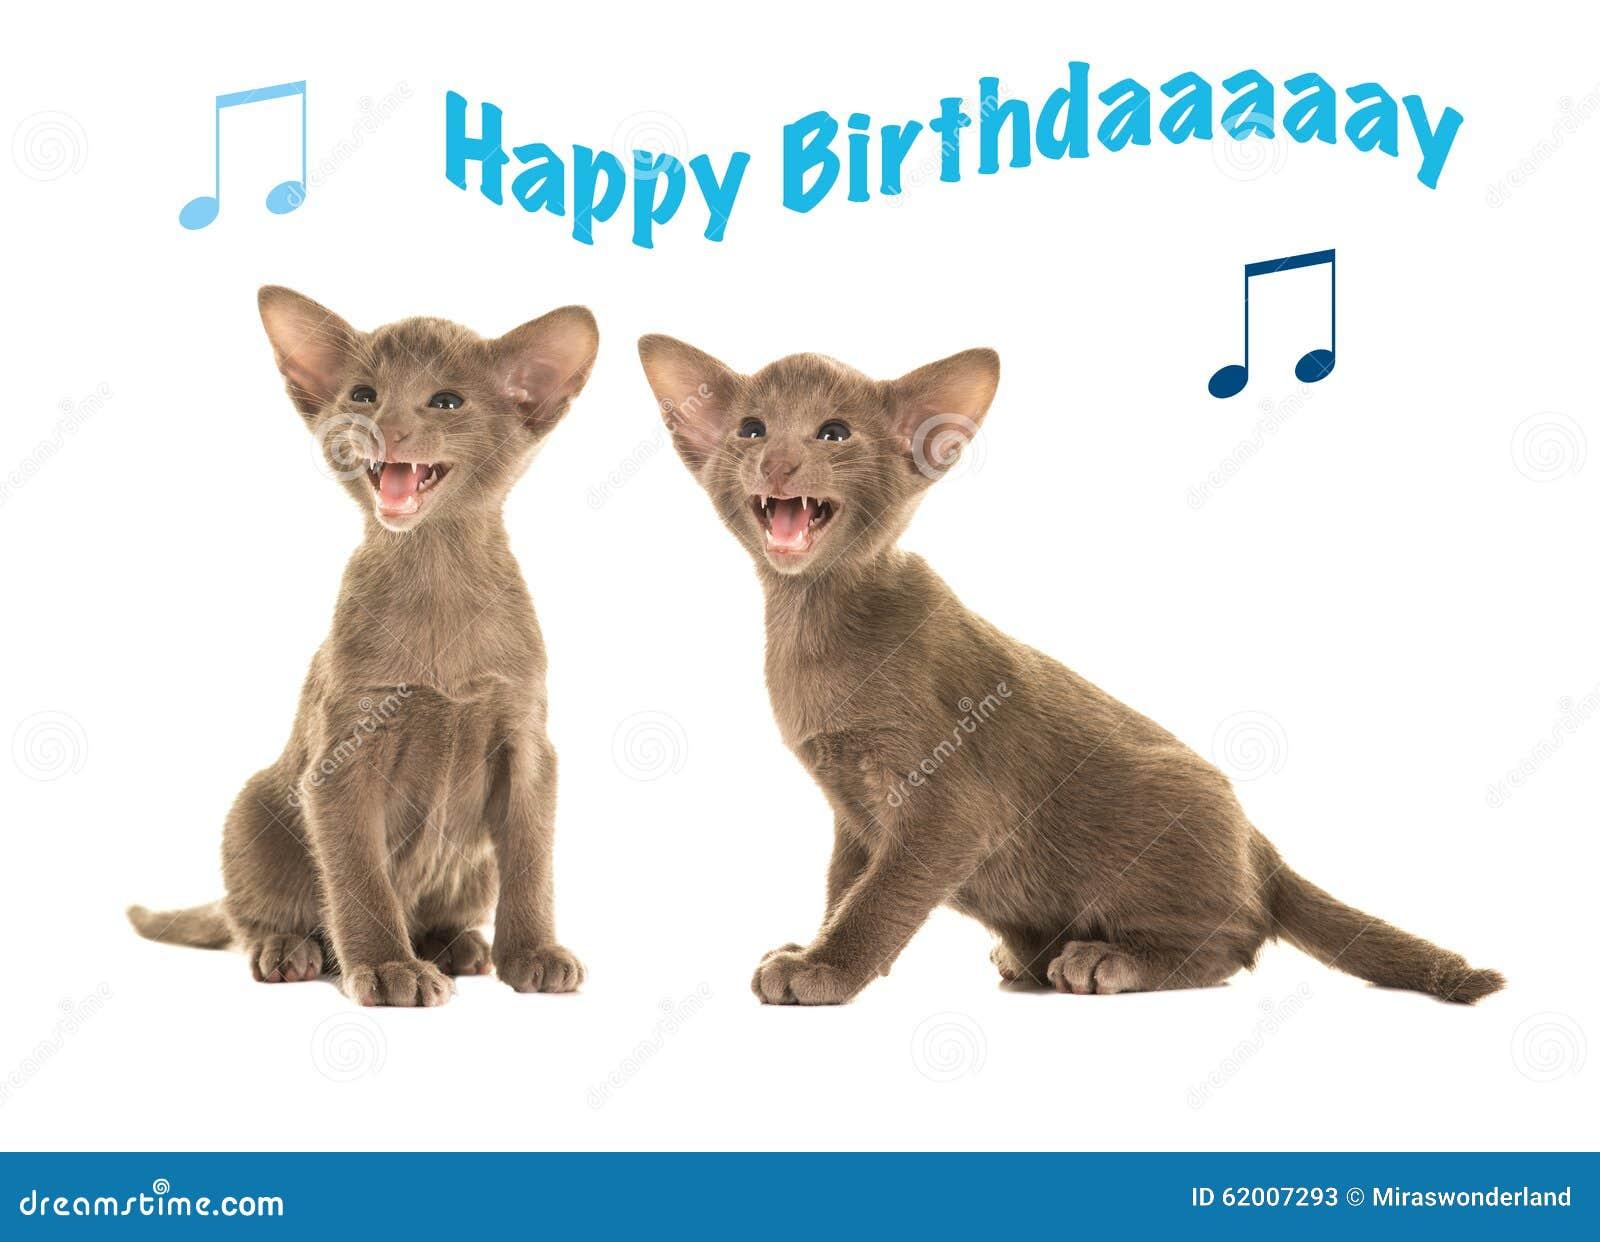 Gelukkige Verjaardag Kat Voorraadbeelden Download 136 Royalty